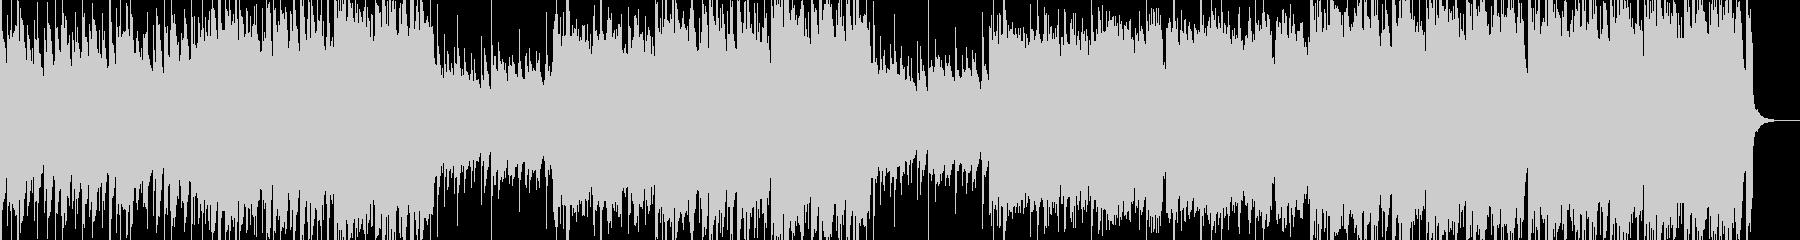 バグパイプを用いたトラッドの未再生の波形